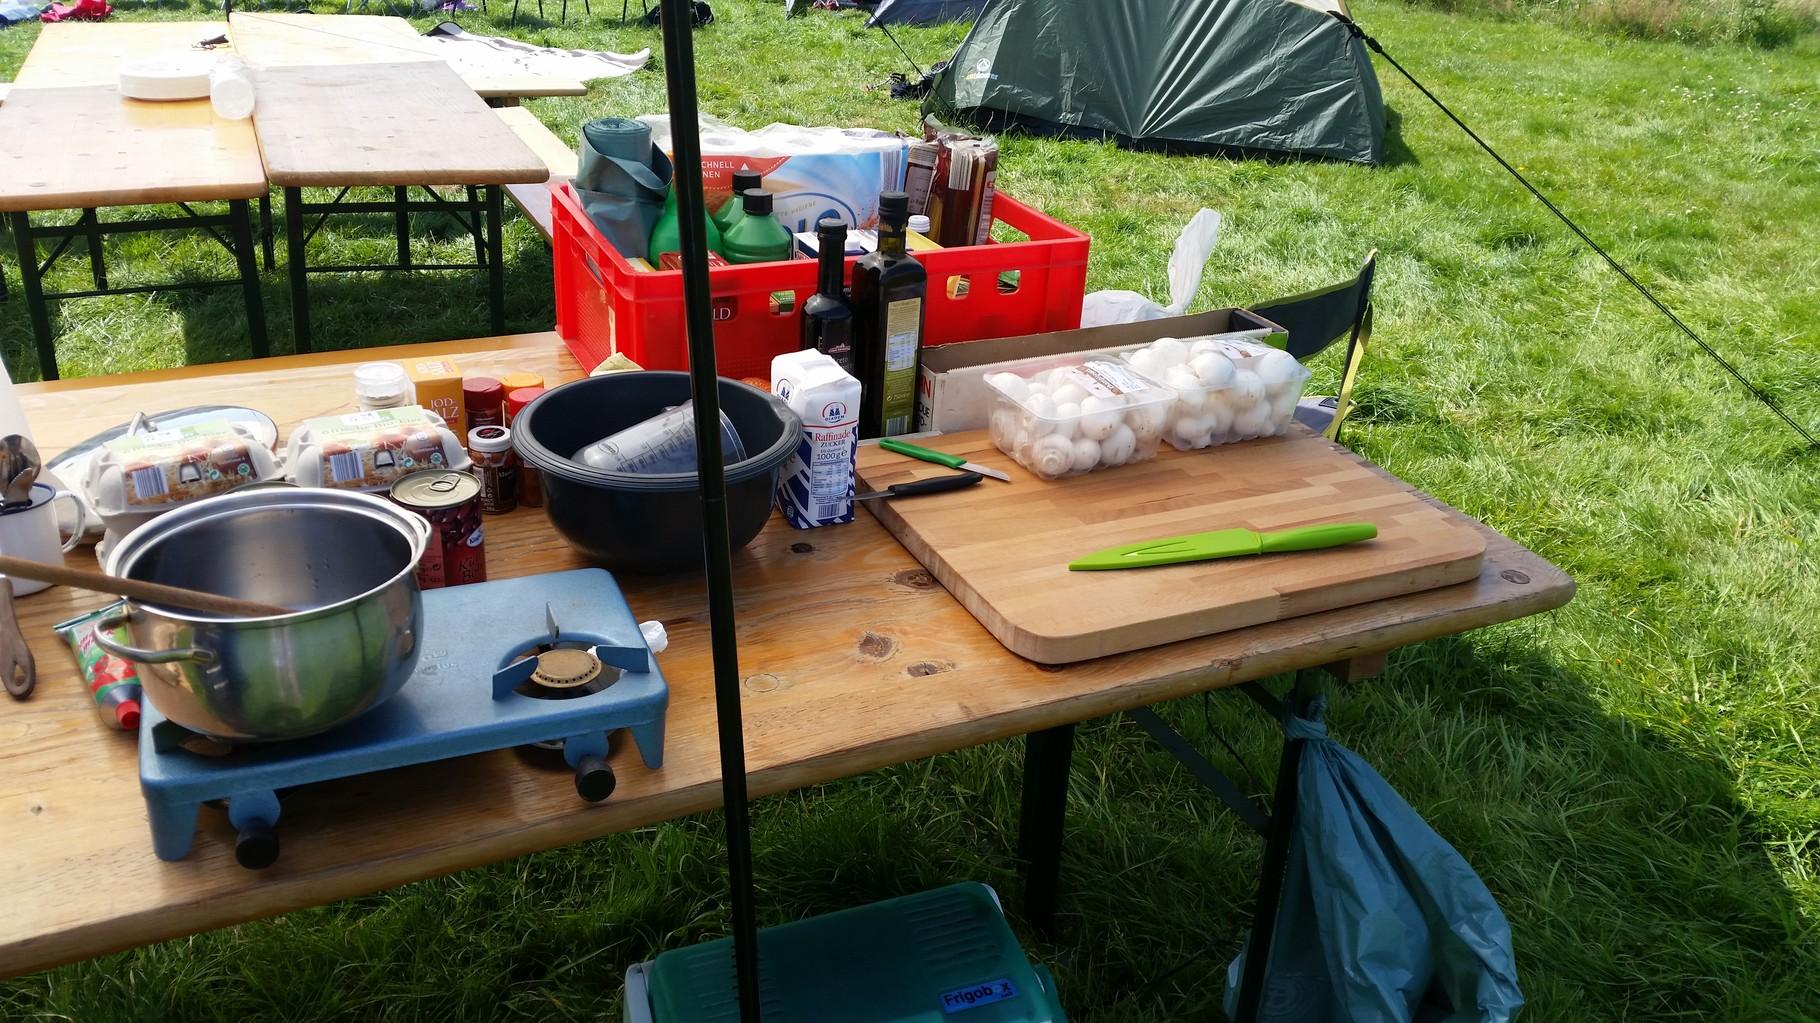 Kochuntensilien und Schneidbrett, alles war da. Das Essen war bunt und gemischt und für die Menge ausreichend.